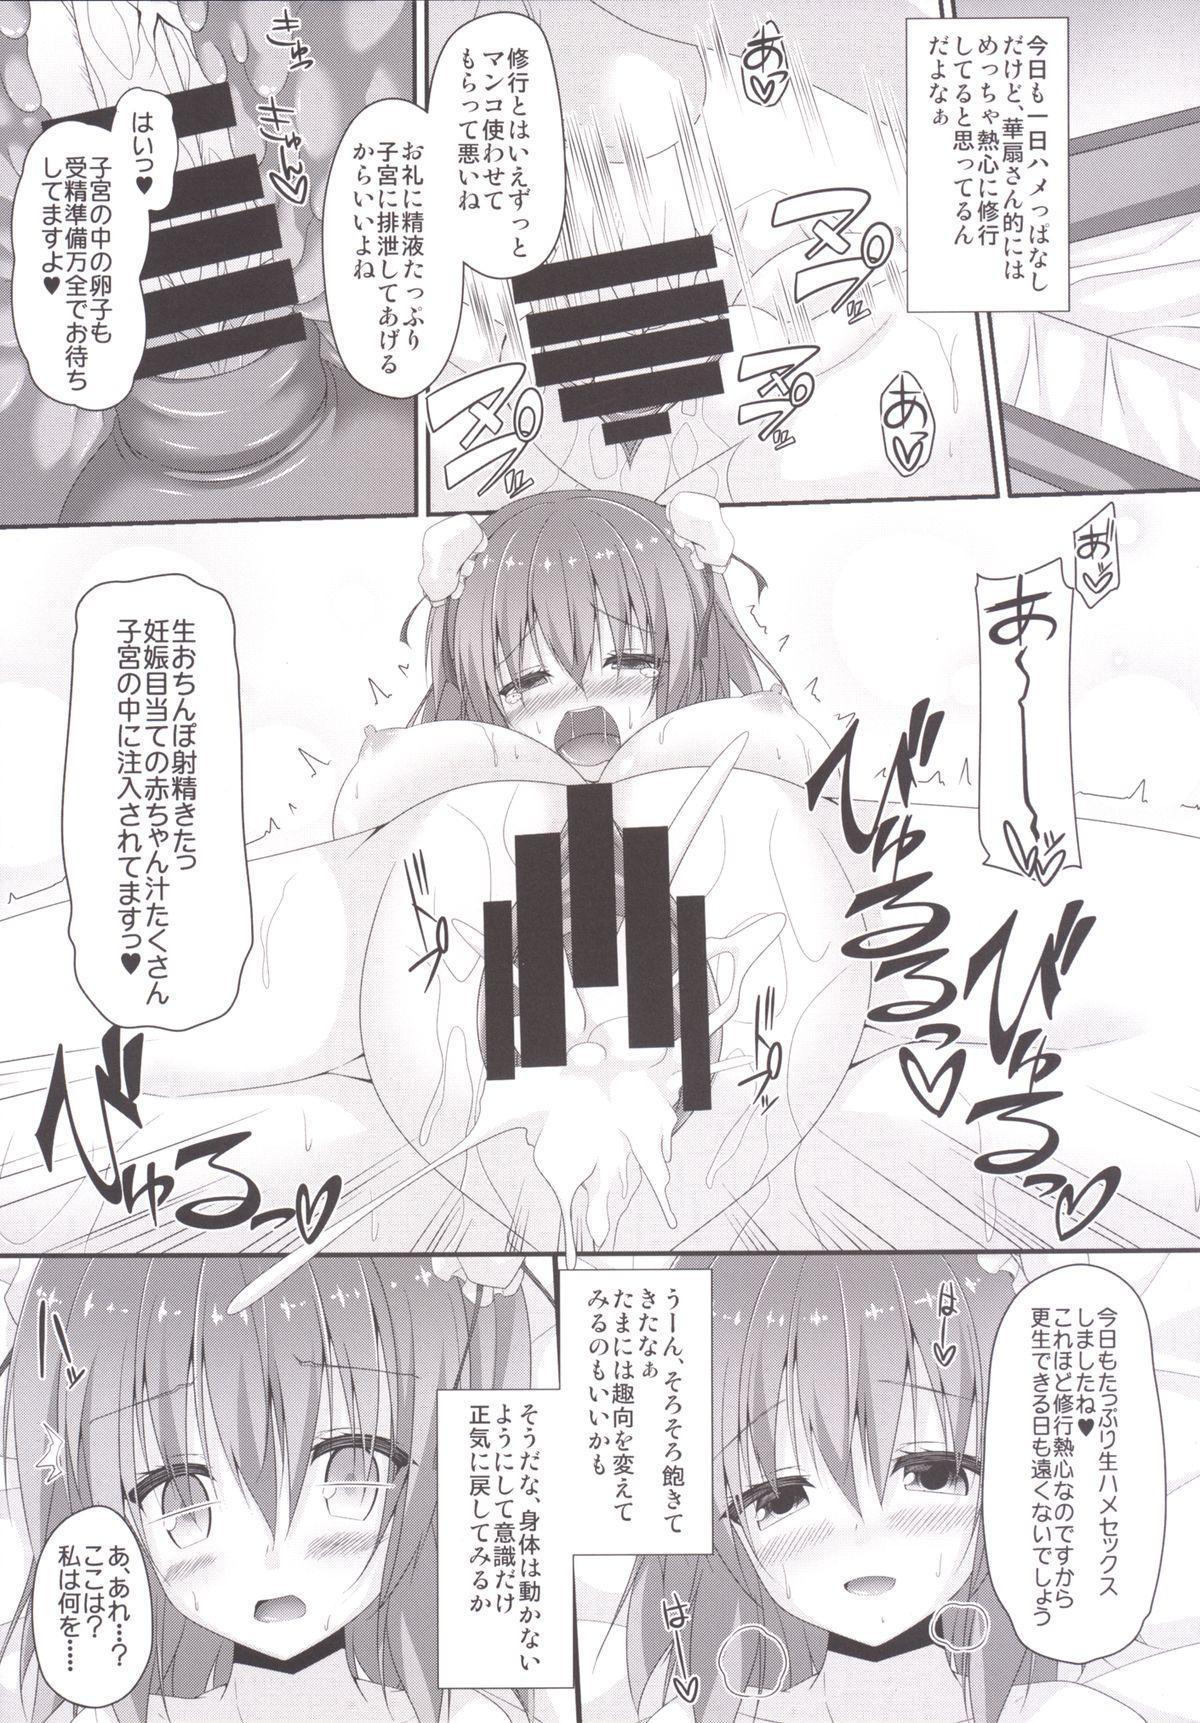 Momoiro Senjutsu 13